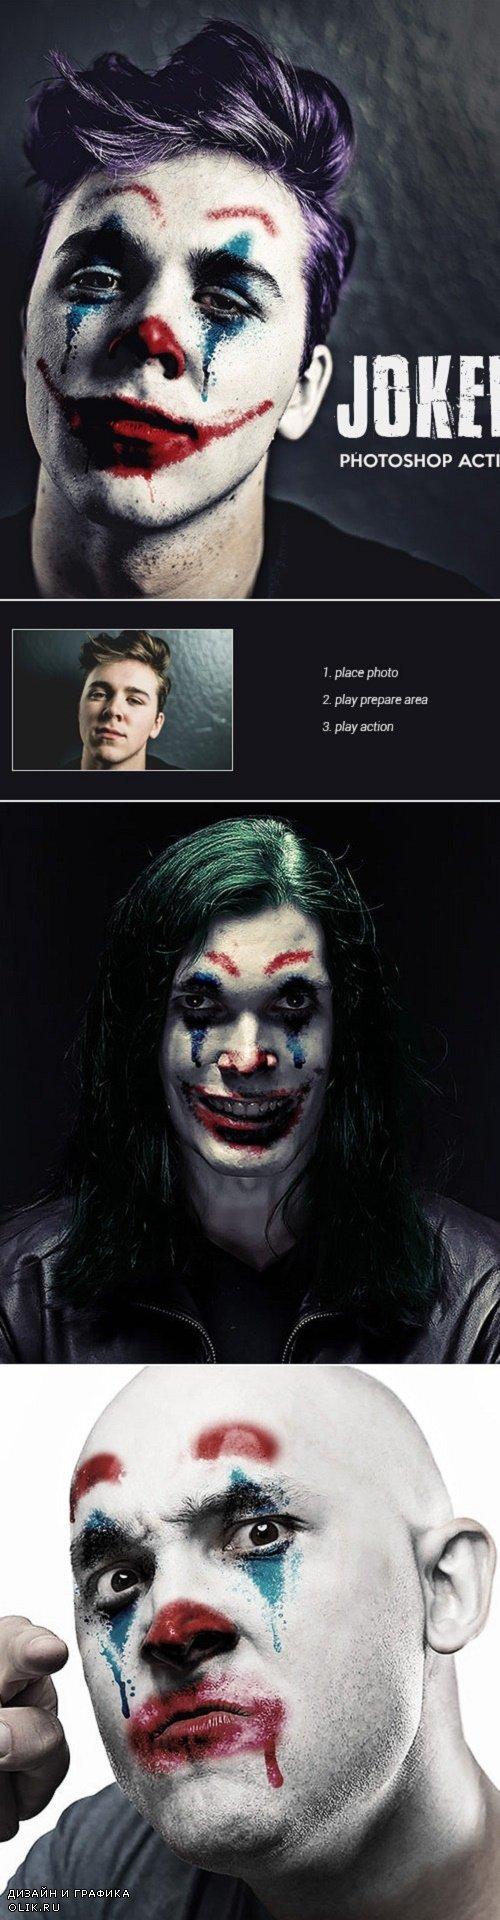 Joker - Photoshop Action 24686406